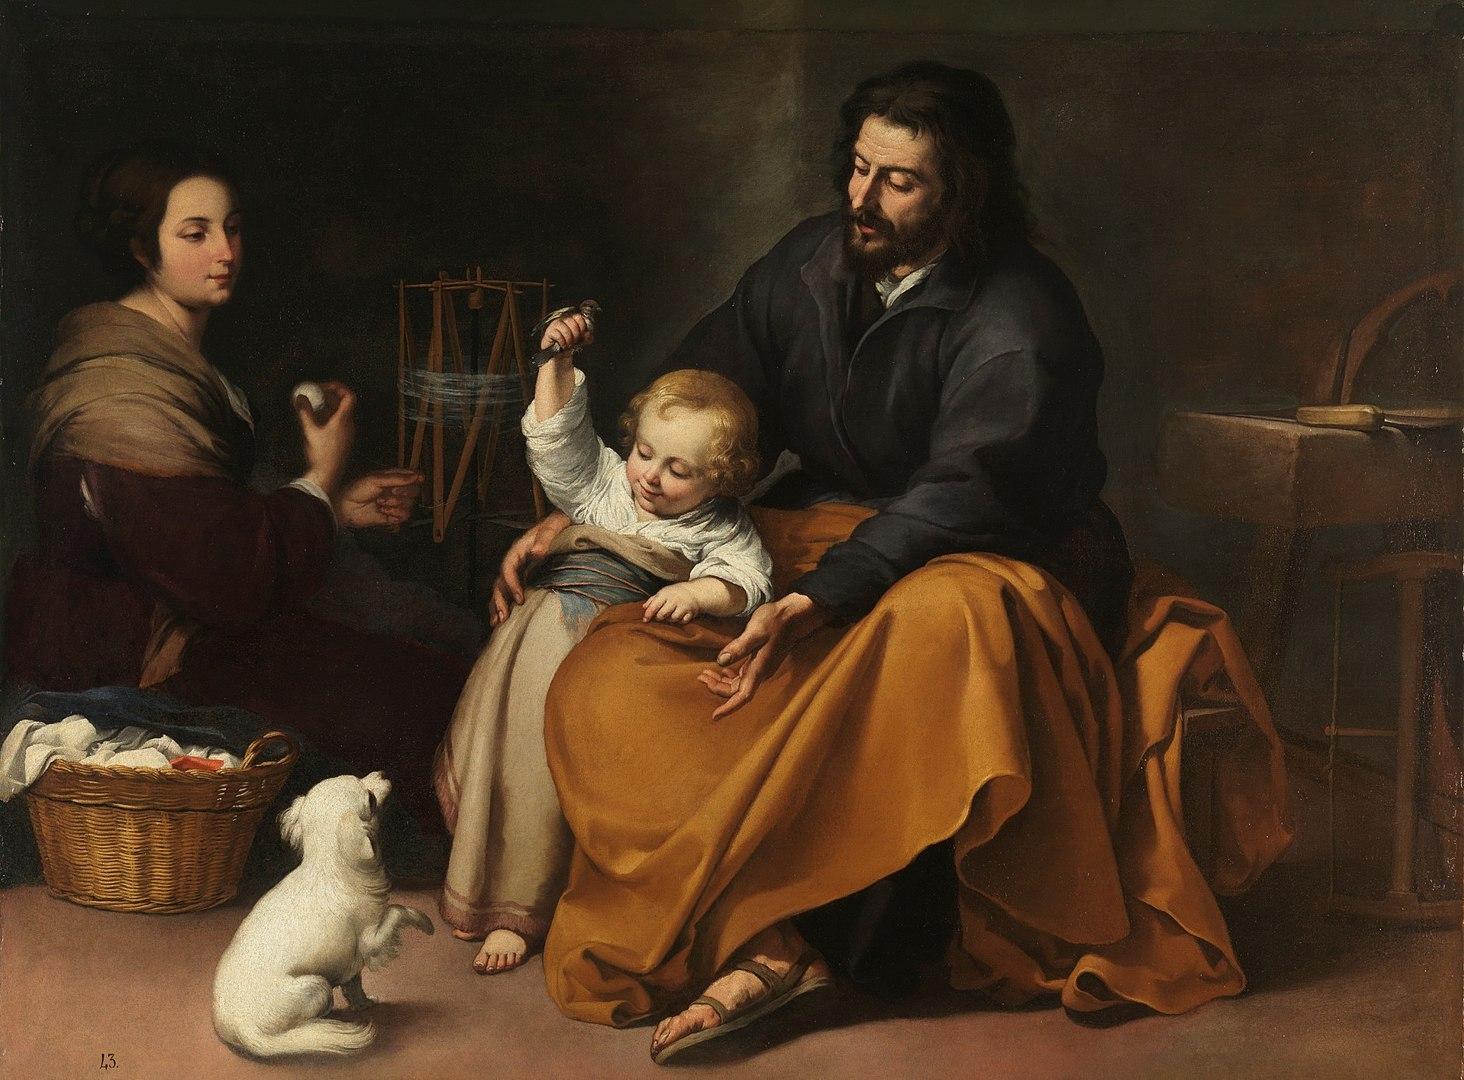 המשפחה הקדושה, ברתולומה אסטבן מורייו